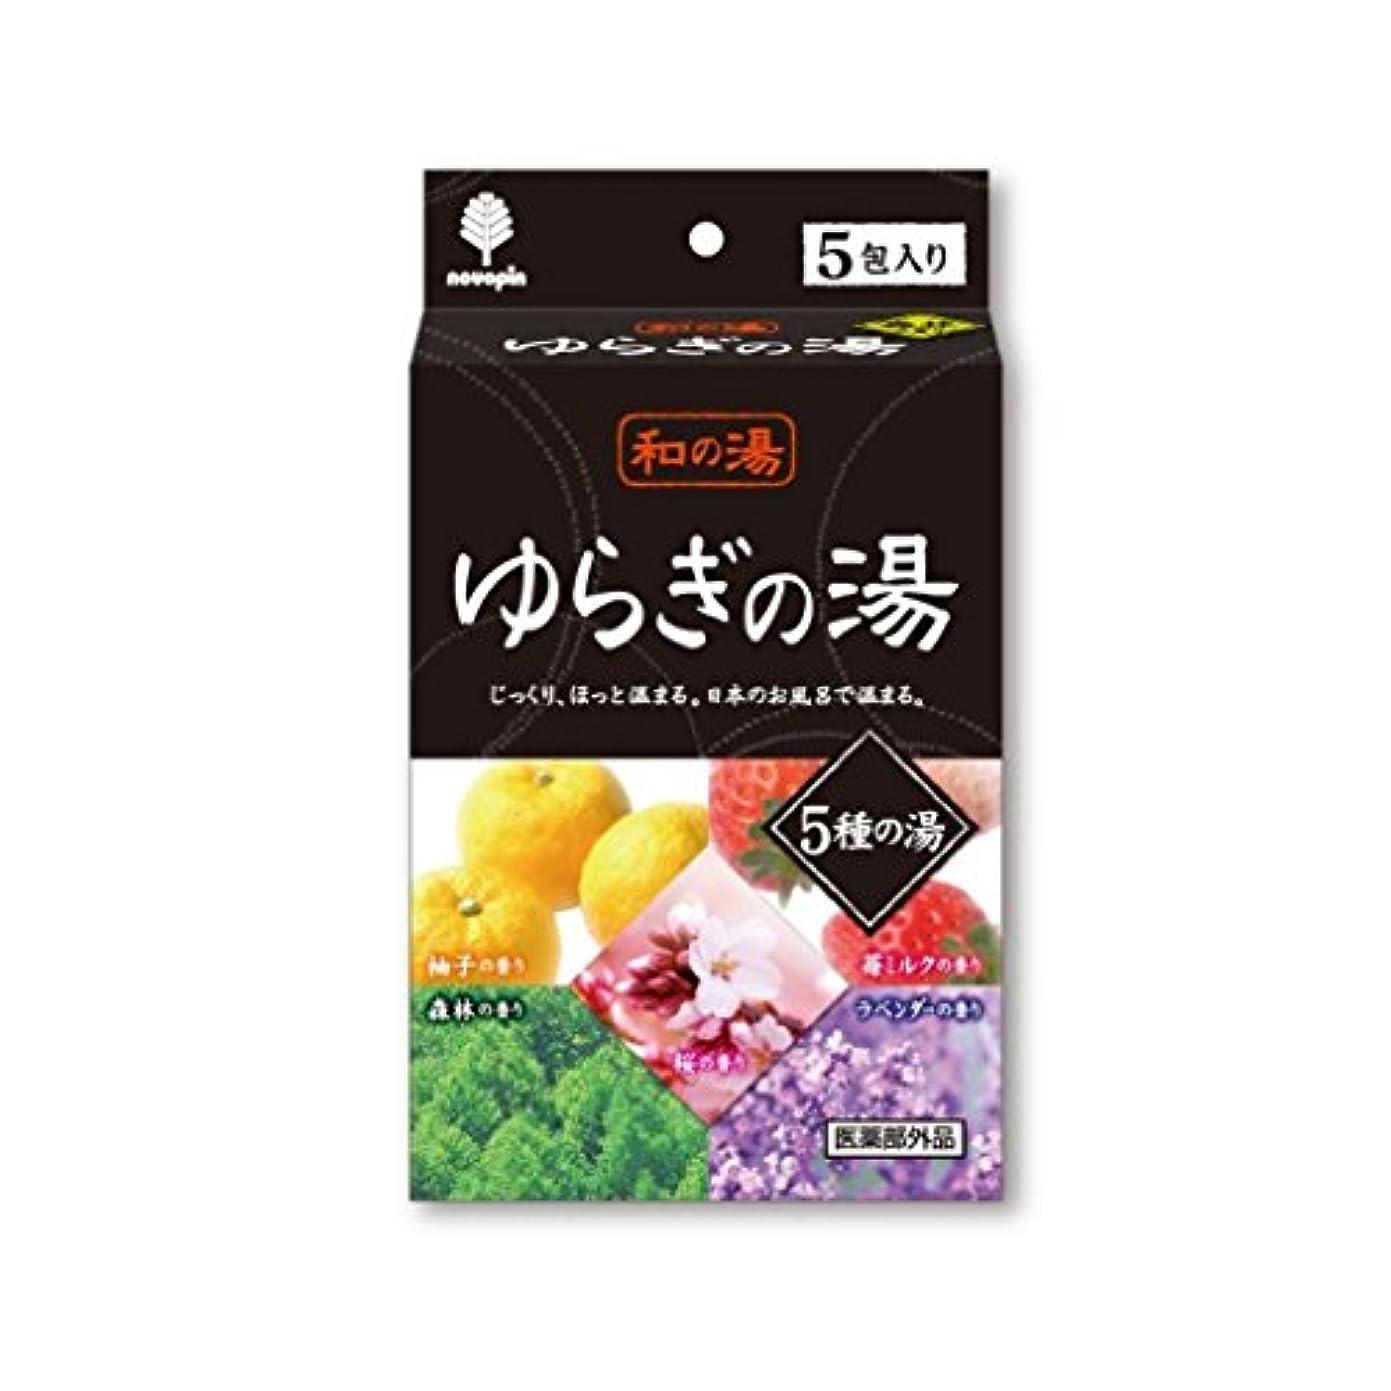 良さひらめきブレイズ紀陽除虫菊 日本製 Japan 和の湯 ゆらぎの湯 5種の湯 25g×5包入 【まとめ買い10個セット】